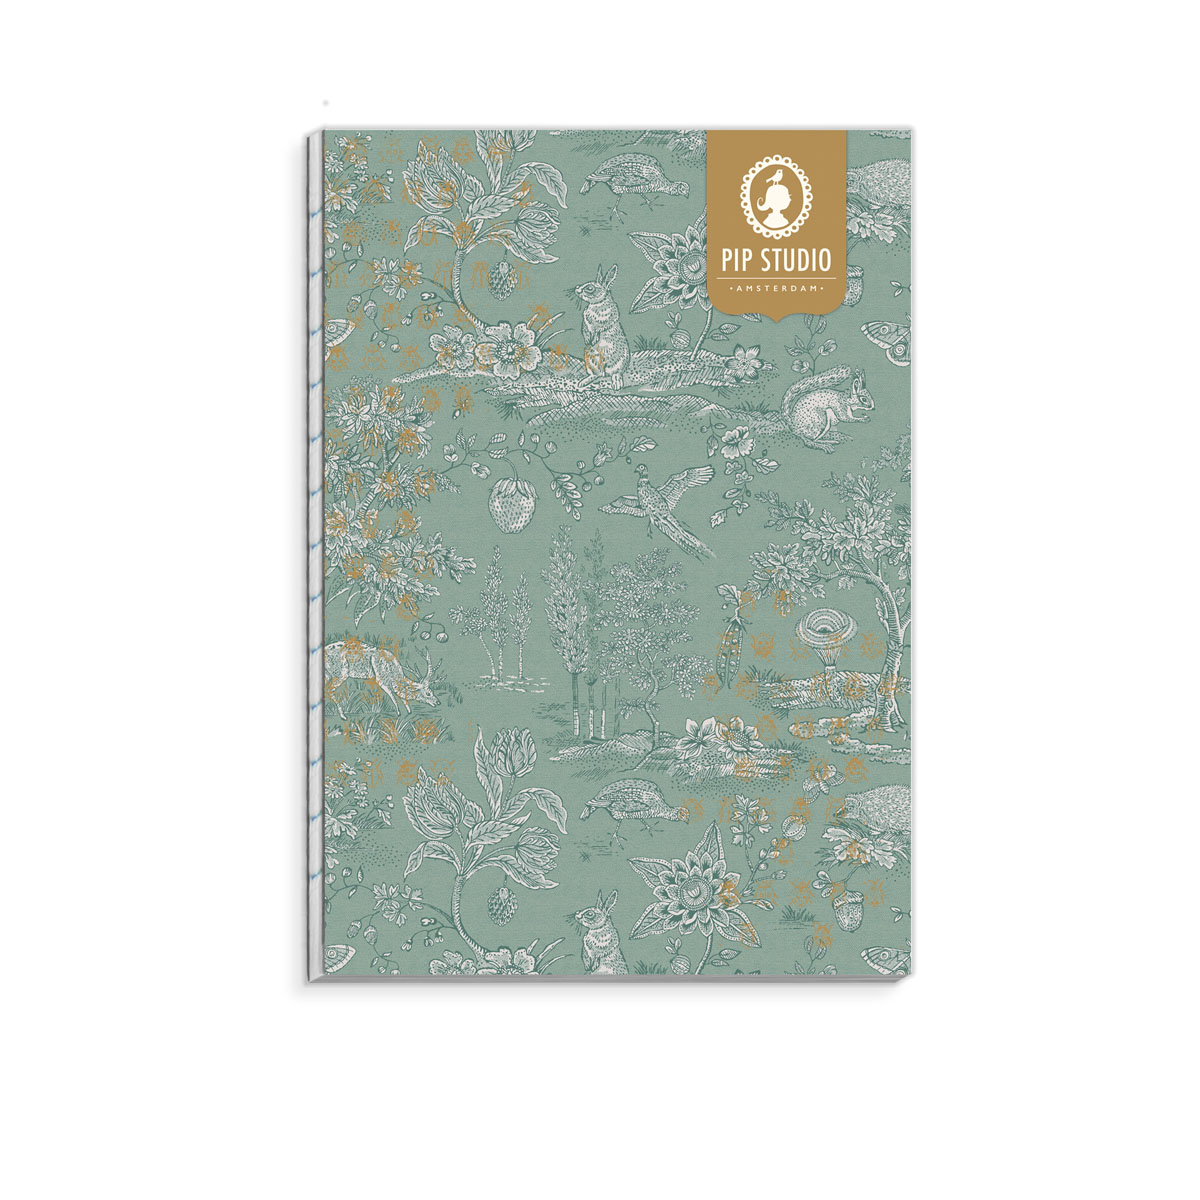 Записная книжка А4 Pip studio, 17.02.19.611, мультиколор